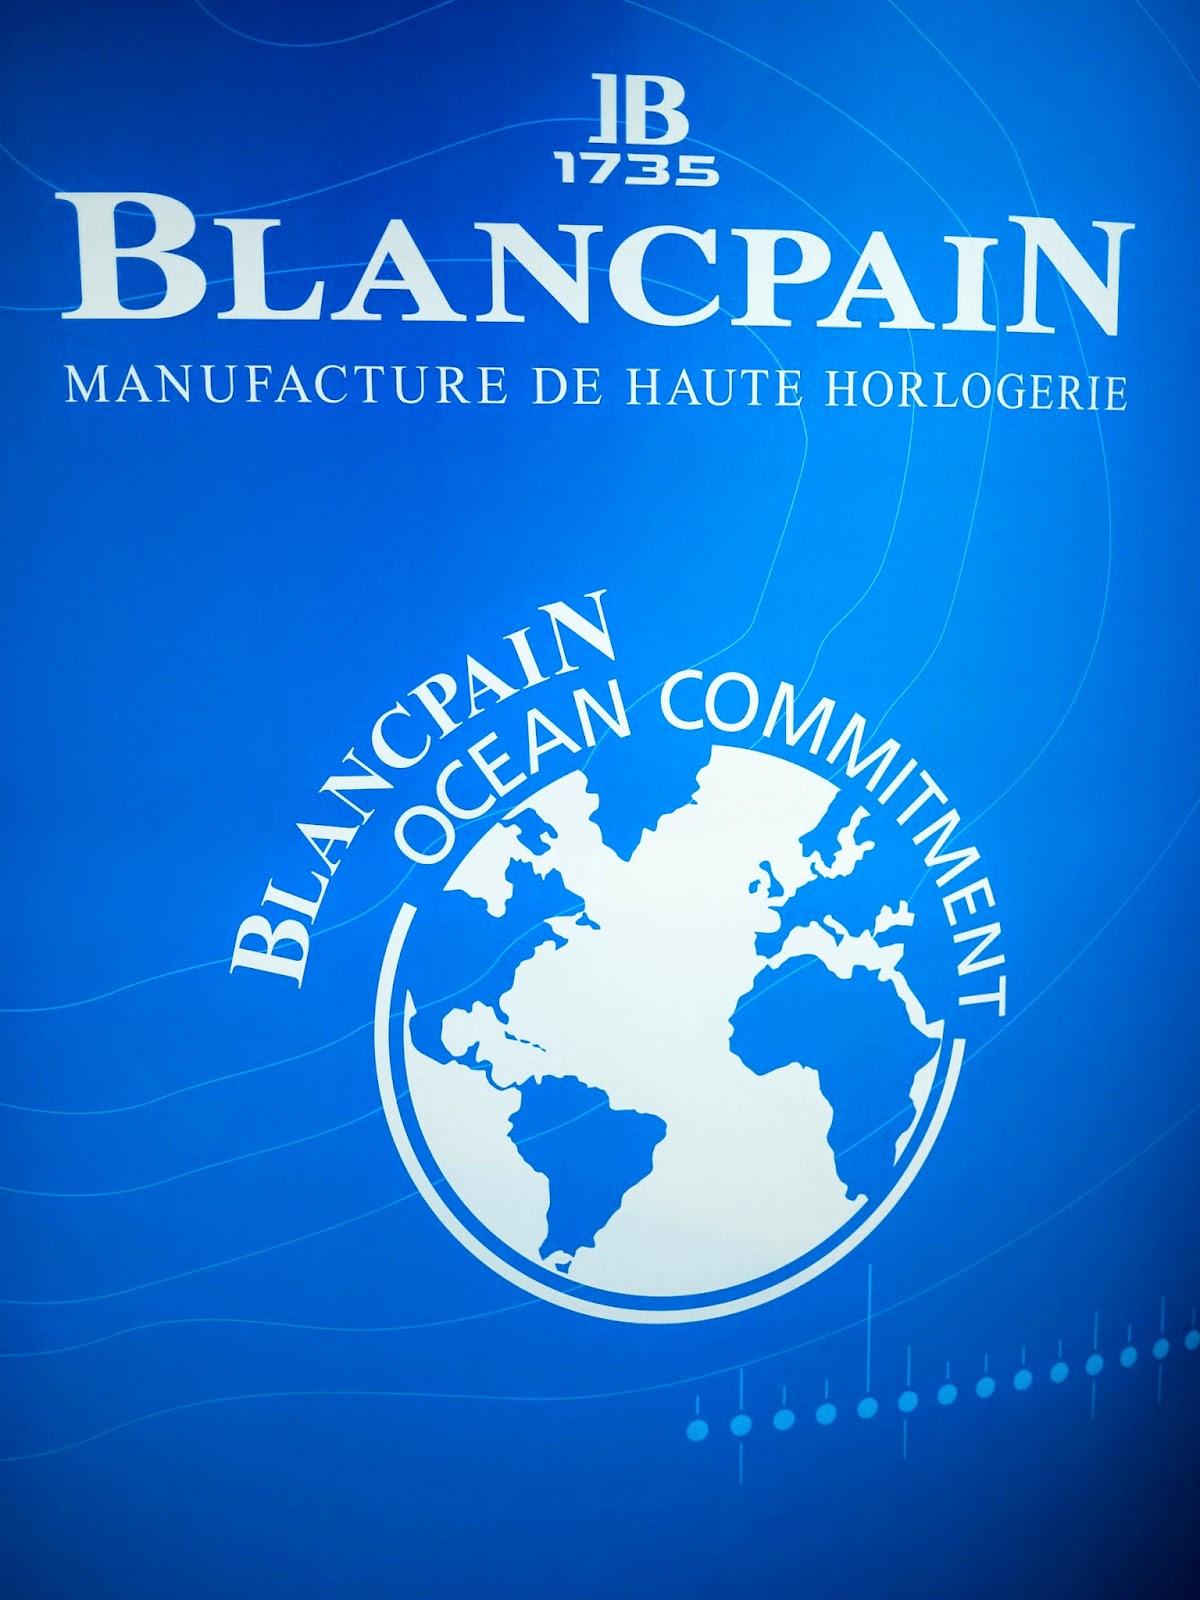 Blancpain ocean 2